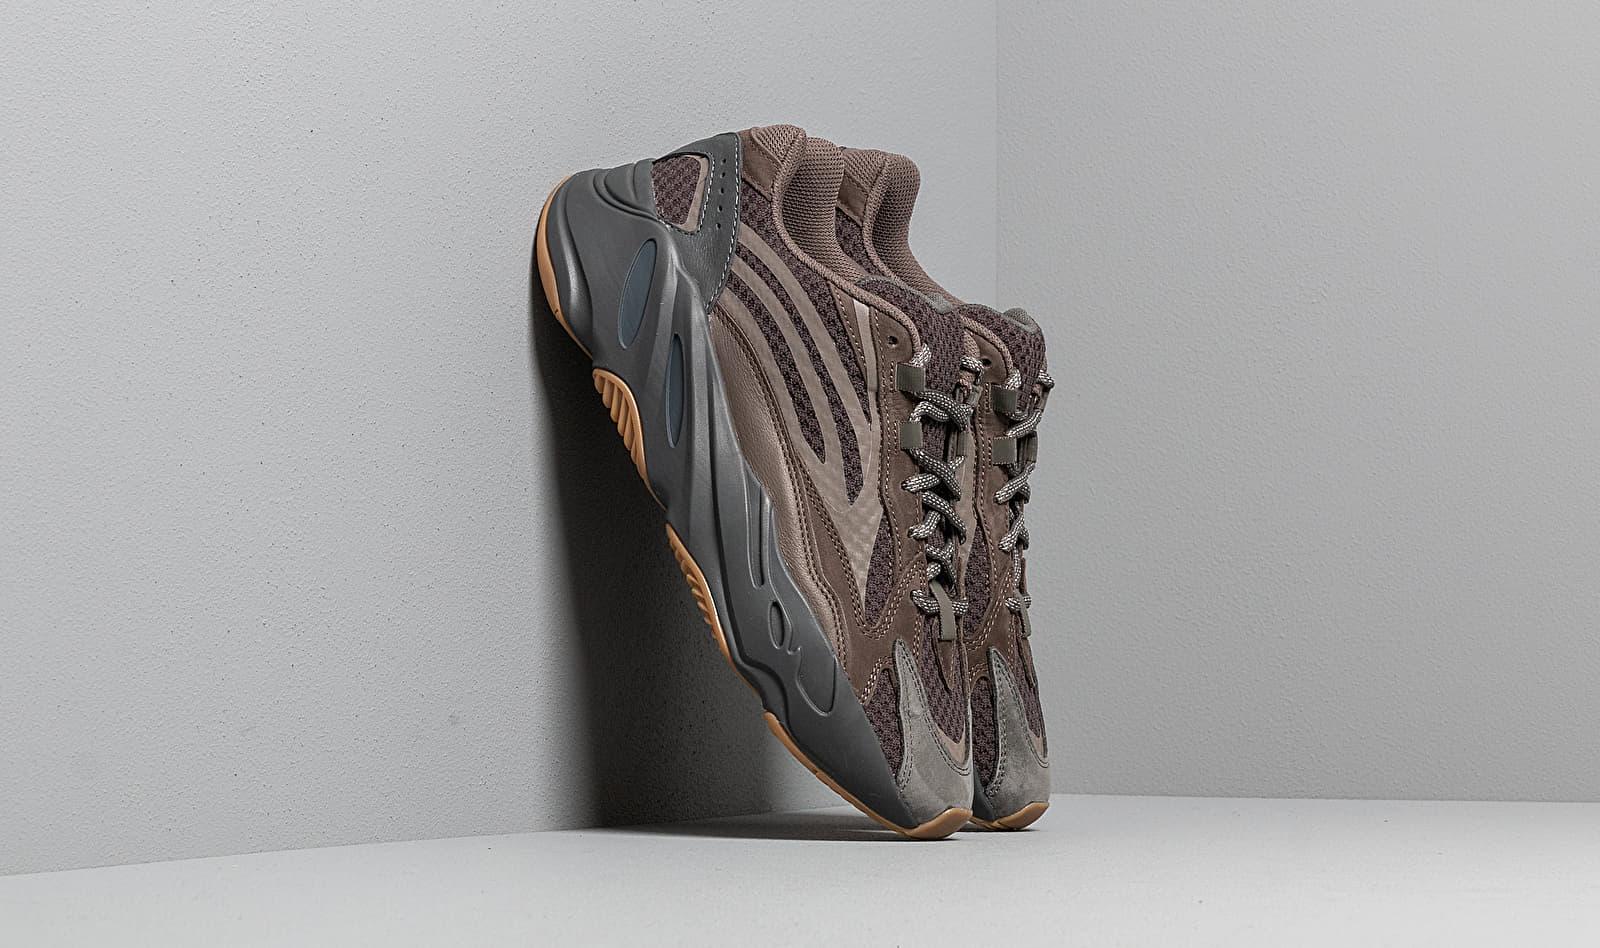 adidas Yeezy Boost 700 V2 Geode/ Geode/ Geode, Brown